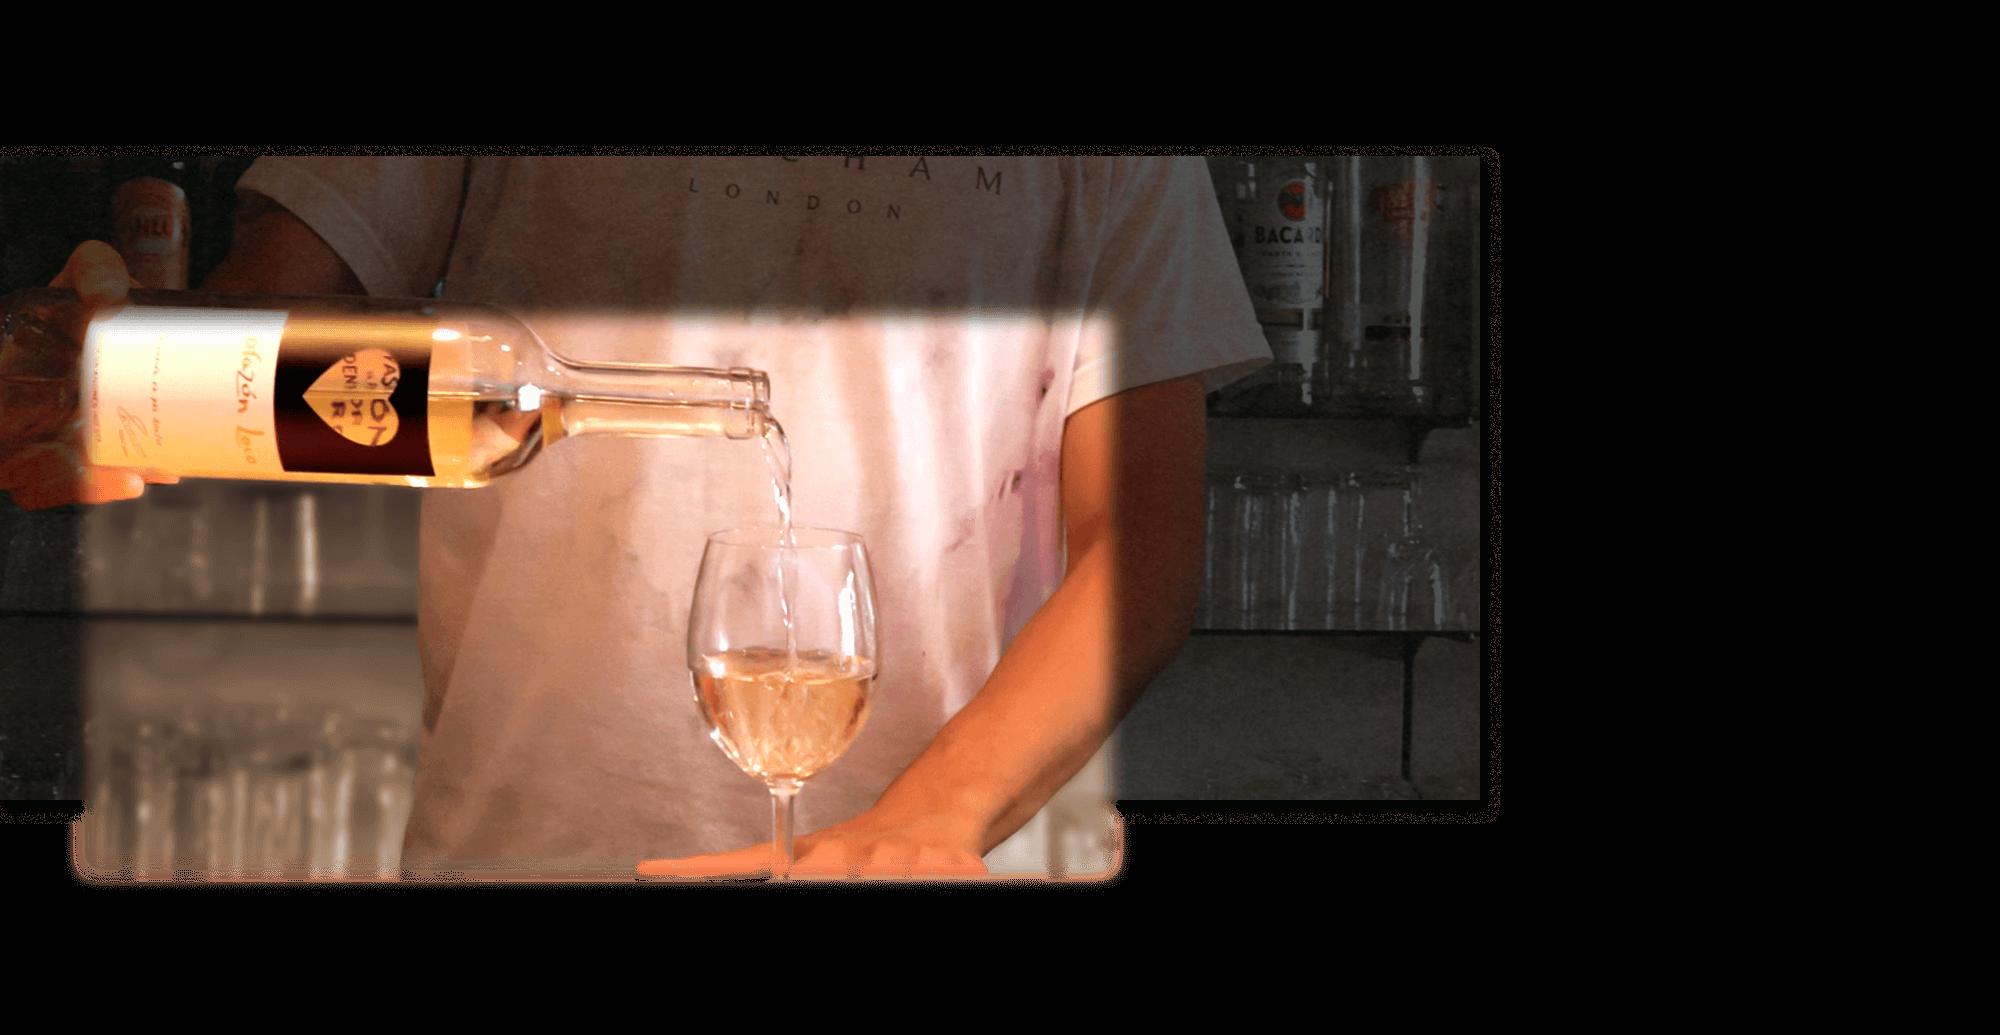 ふらっと立ち寄れる、寛ぎのひとときを豊富なワインと生カクテルをお楽しみ下さい